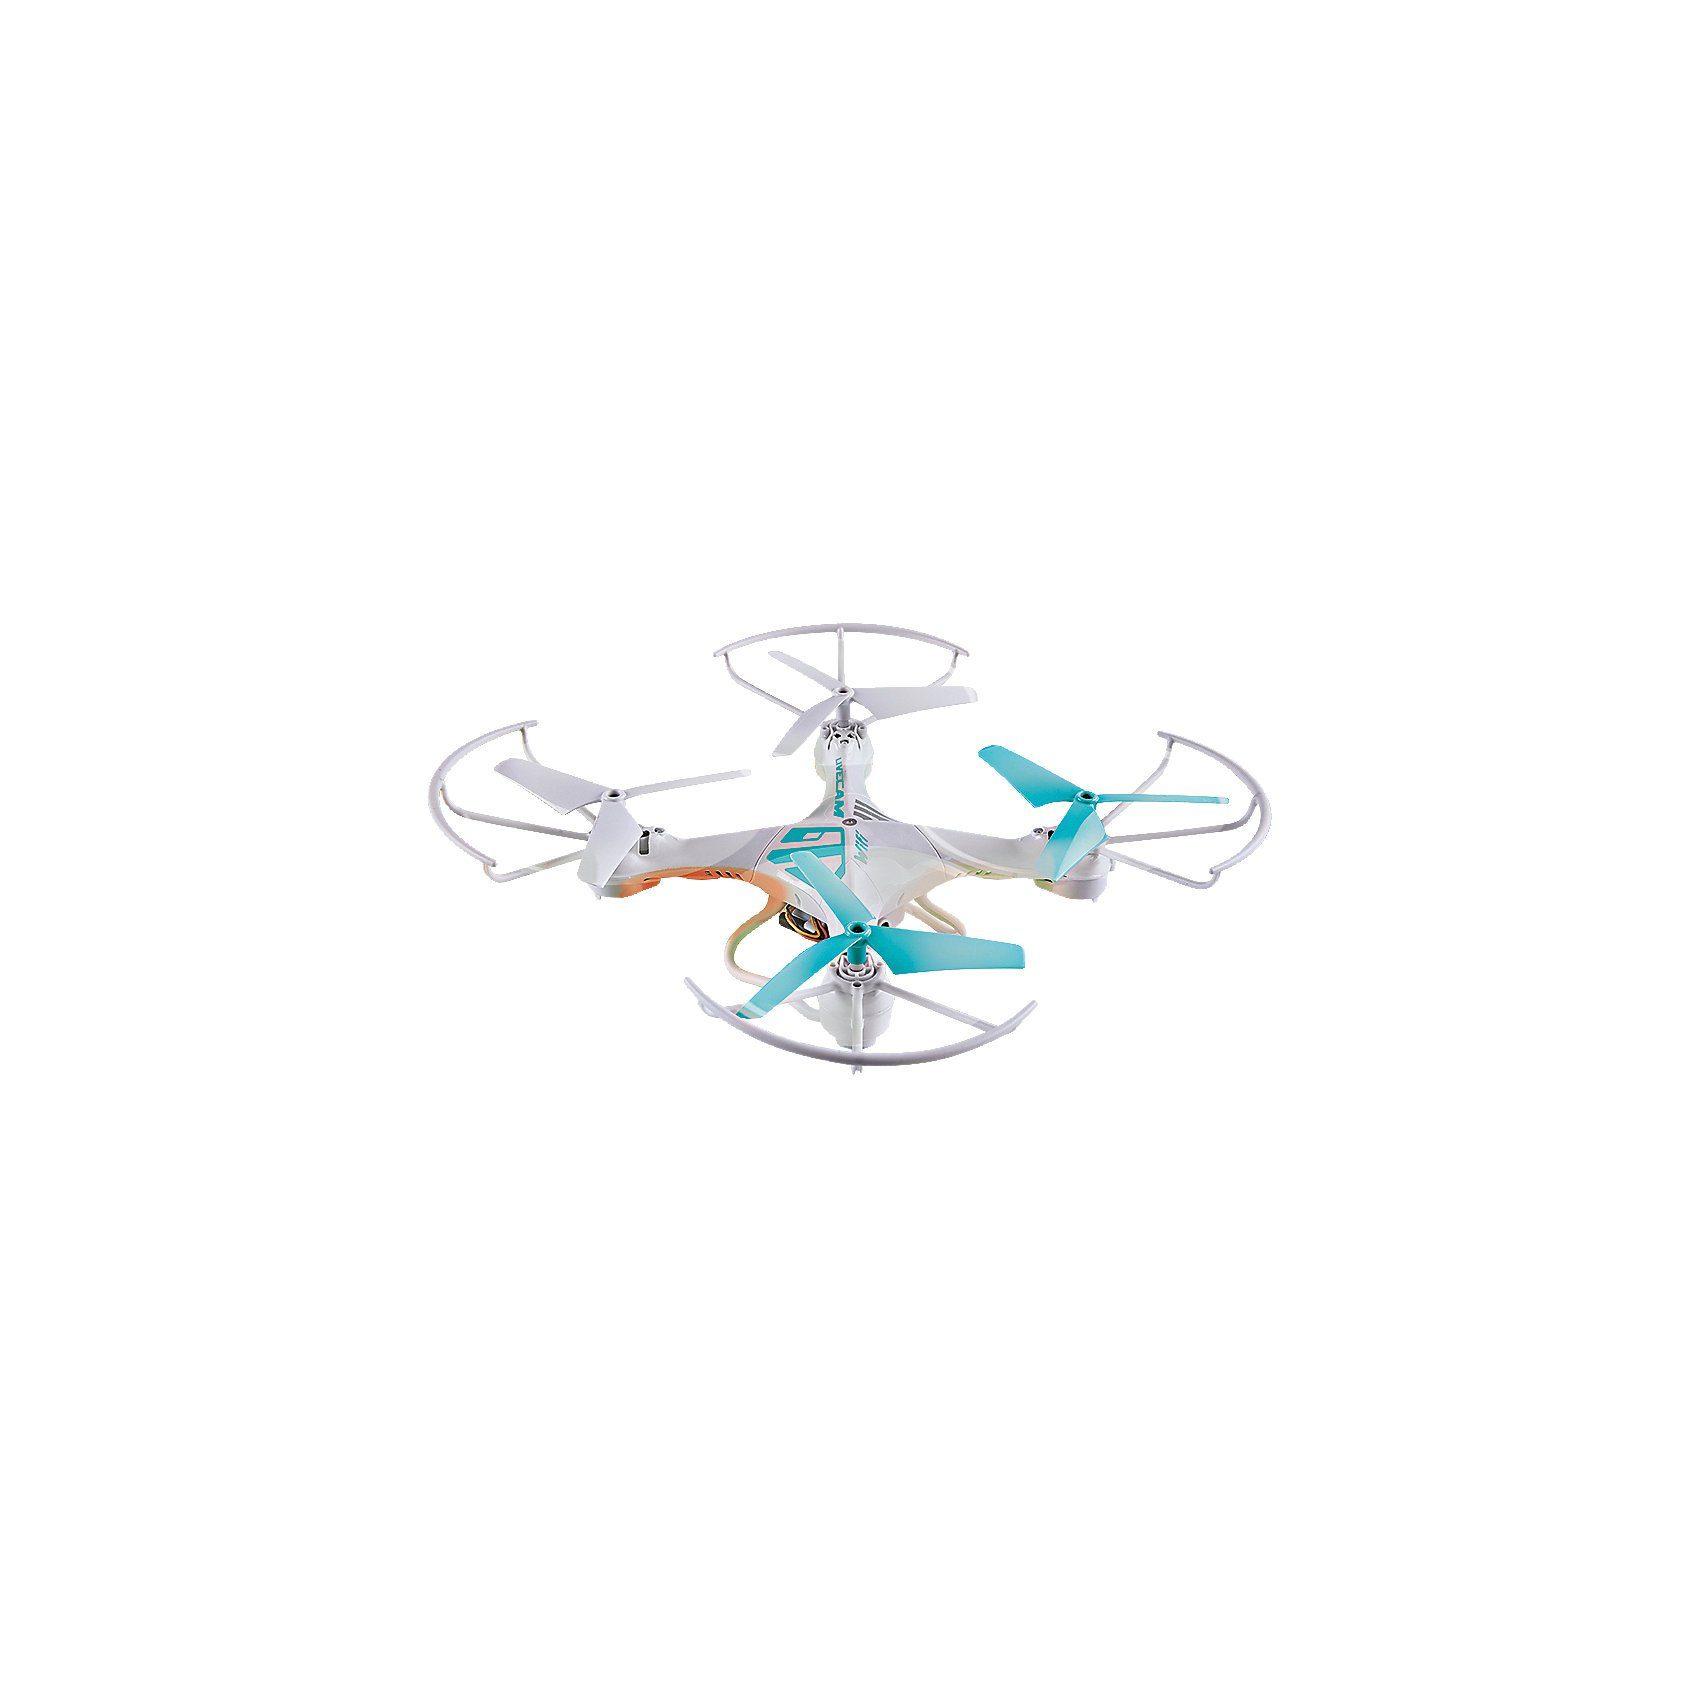 Dickie Toys RC Quadrocopter DT-QL Livecam